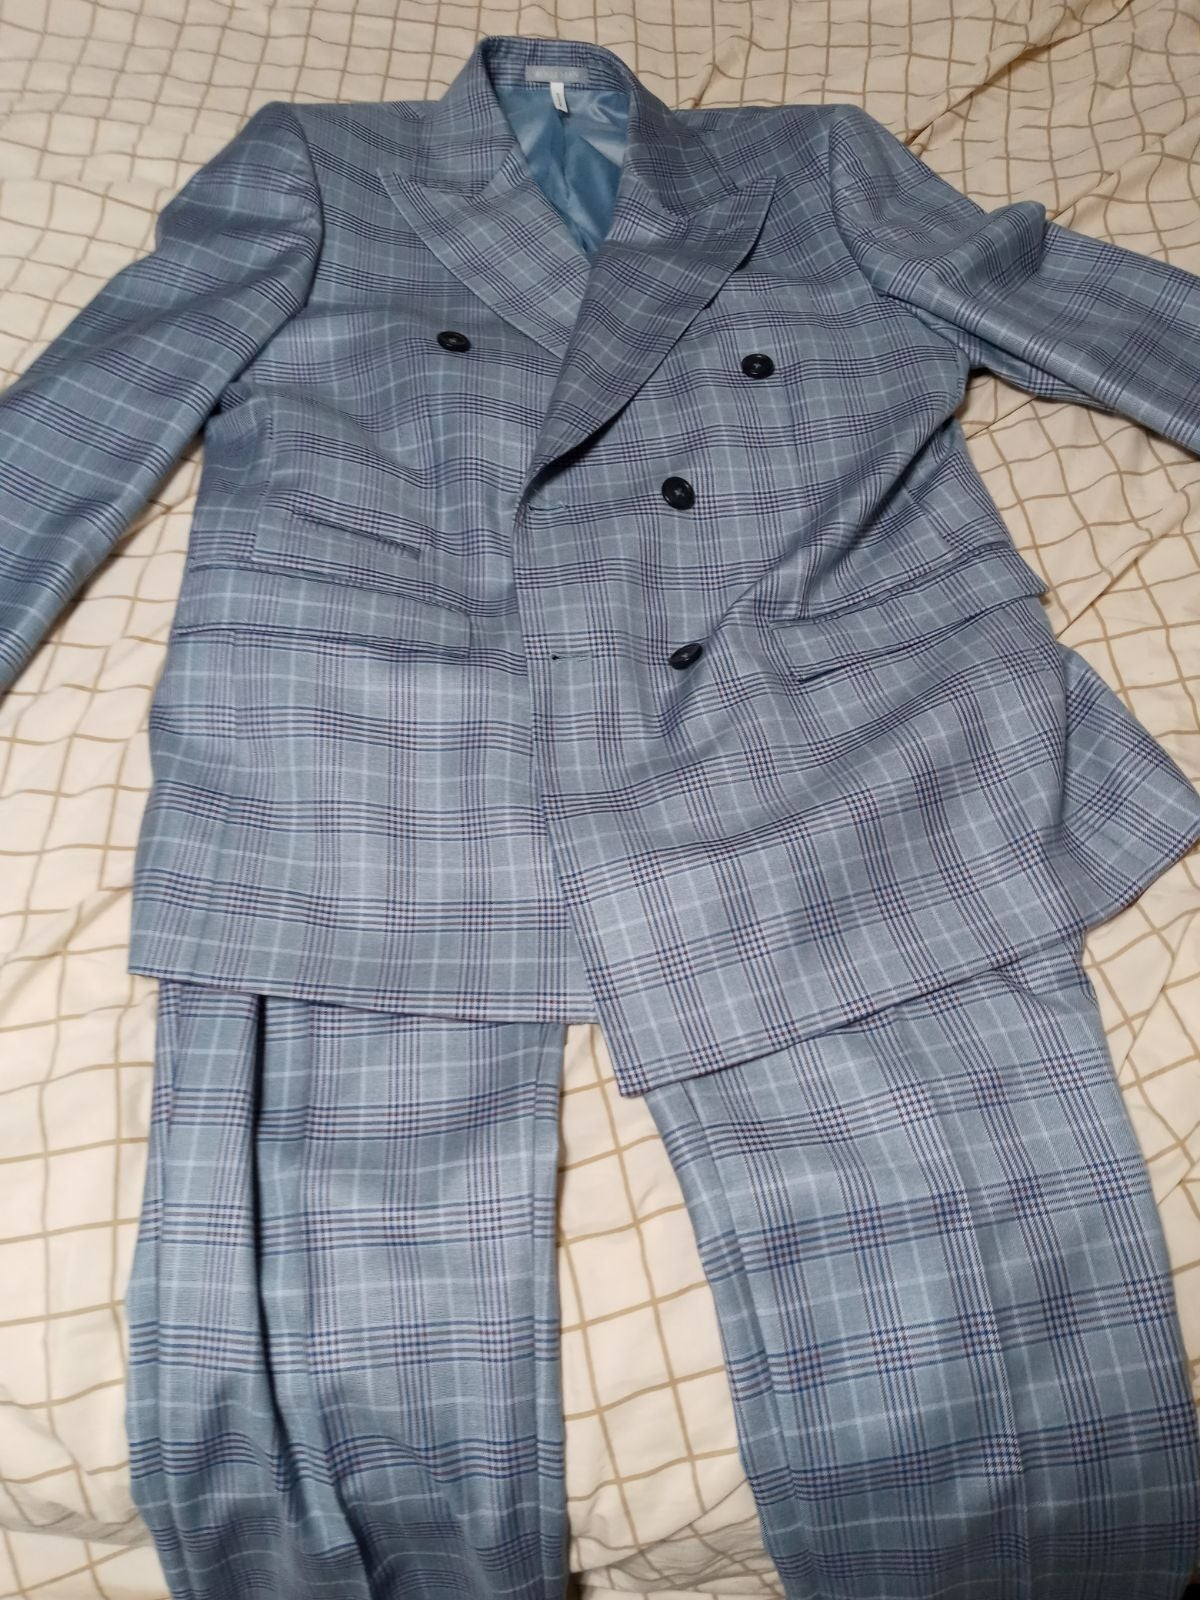 Nice Suit Size 42 Pants(read description